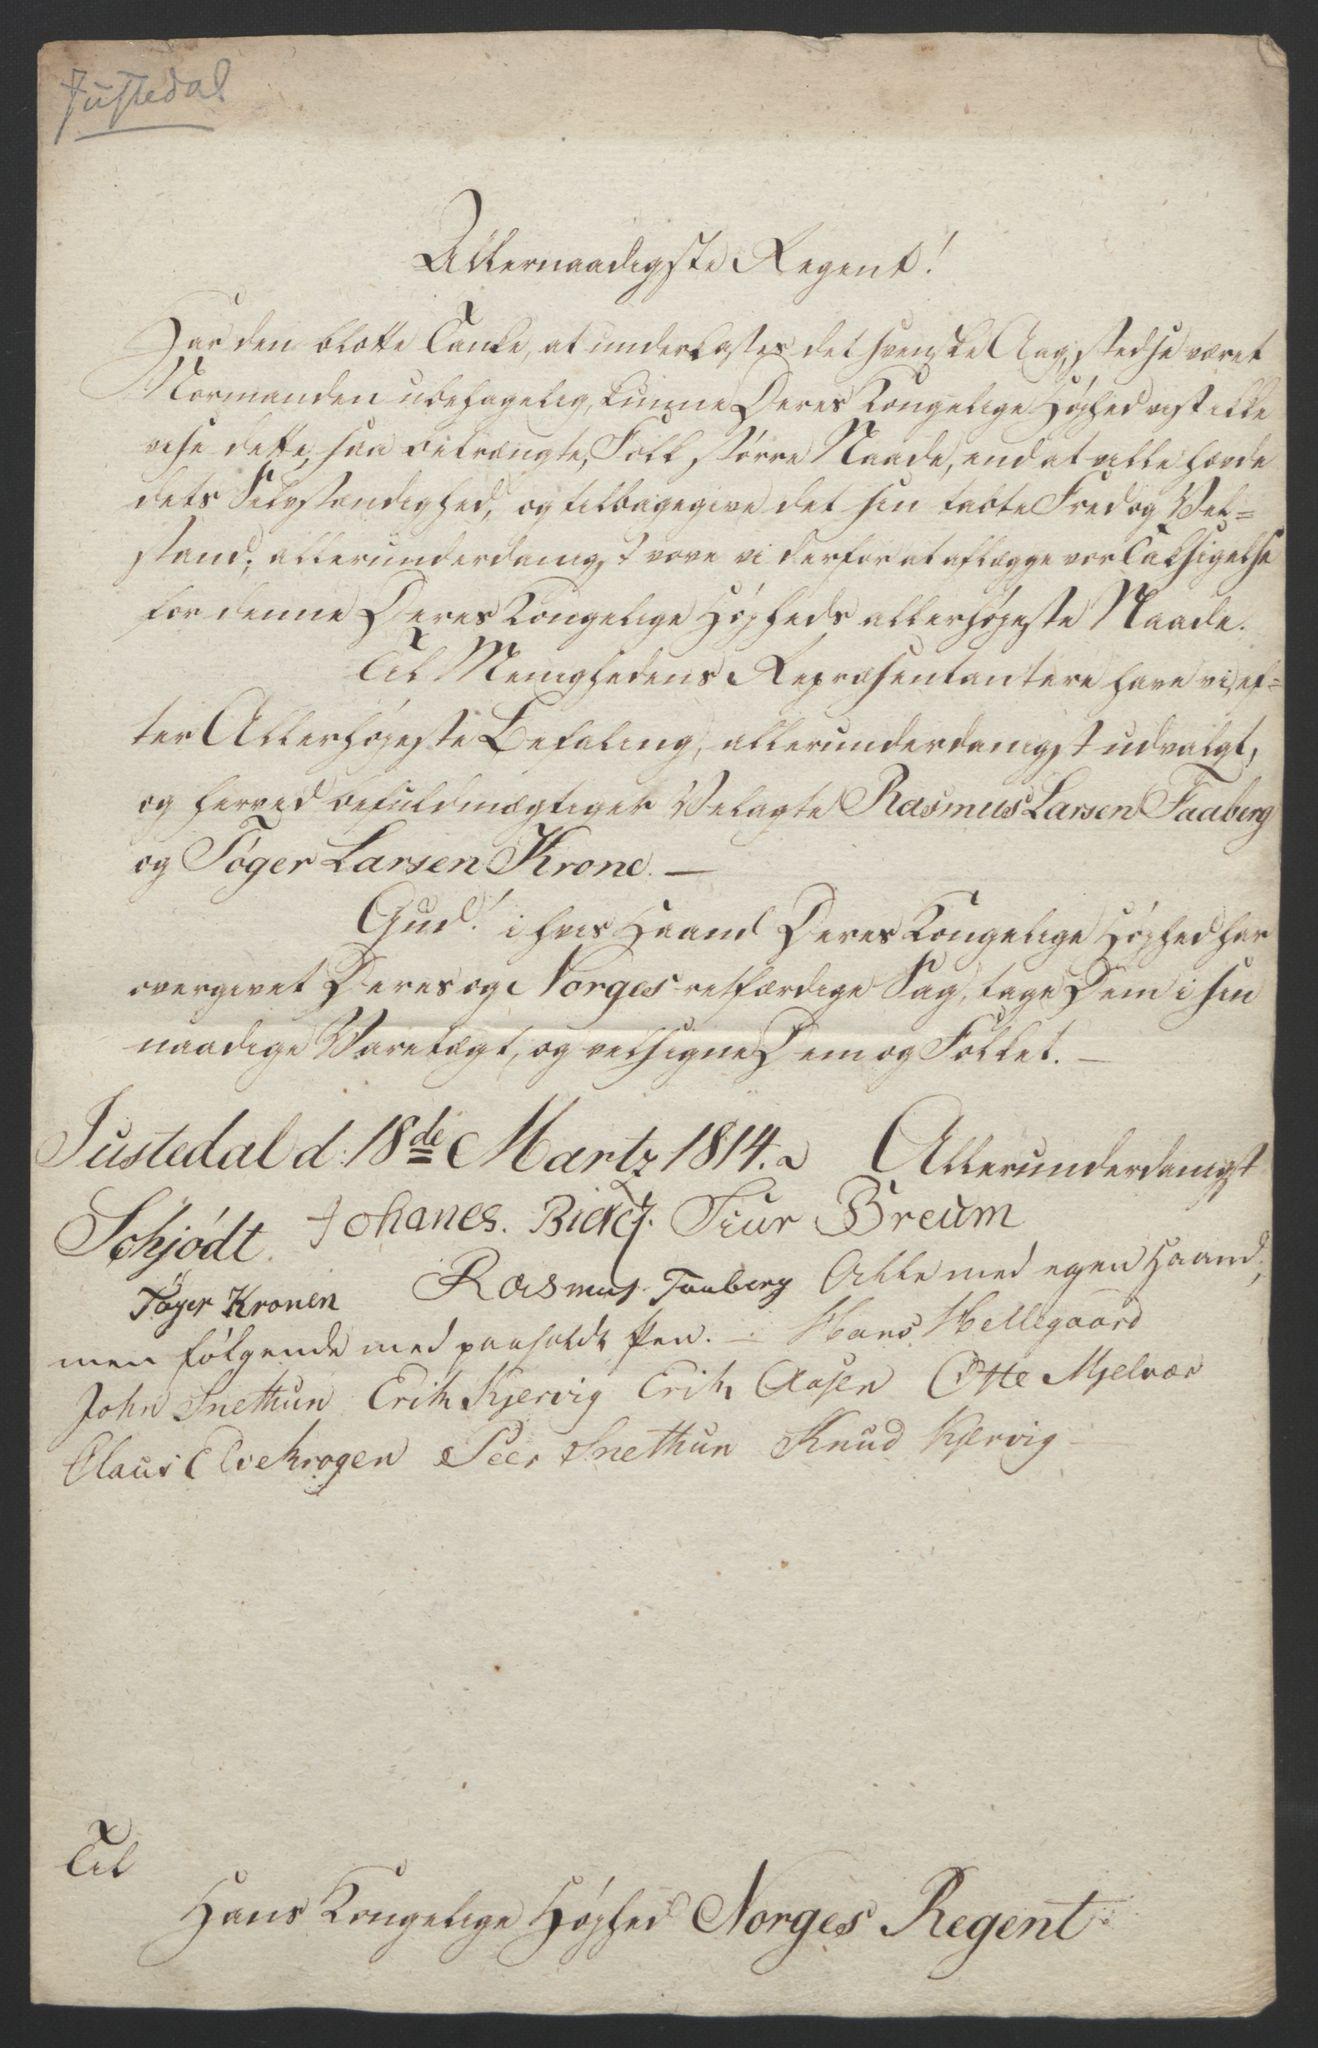 RA, Statsrådssekretariatet, D/Db/L0008: Fullmakter for Eidsvollsrepresentantene i 1814. , 1814, s. 329